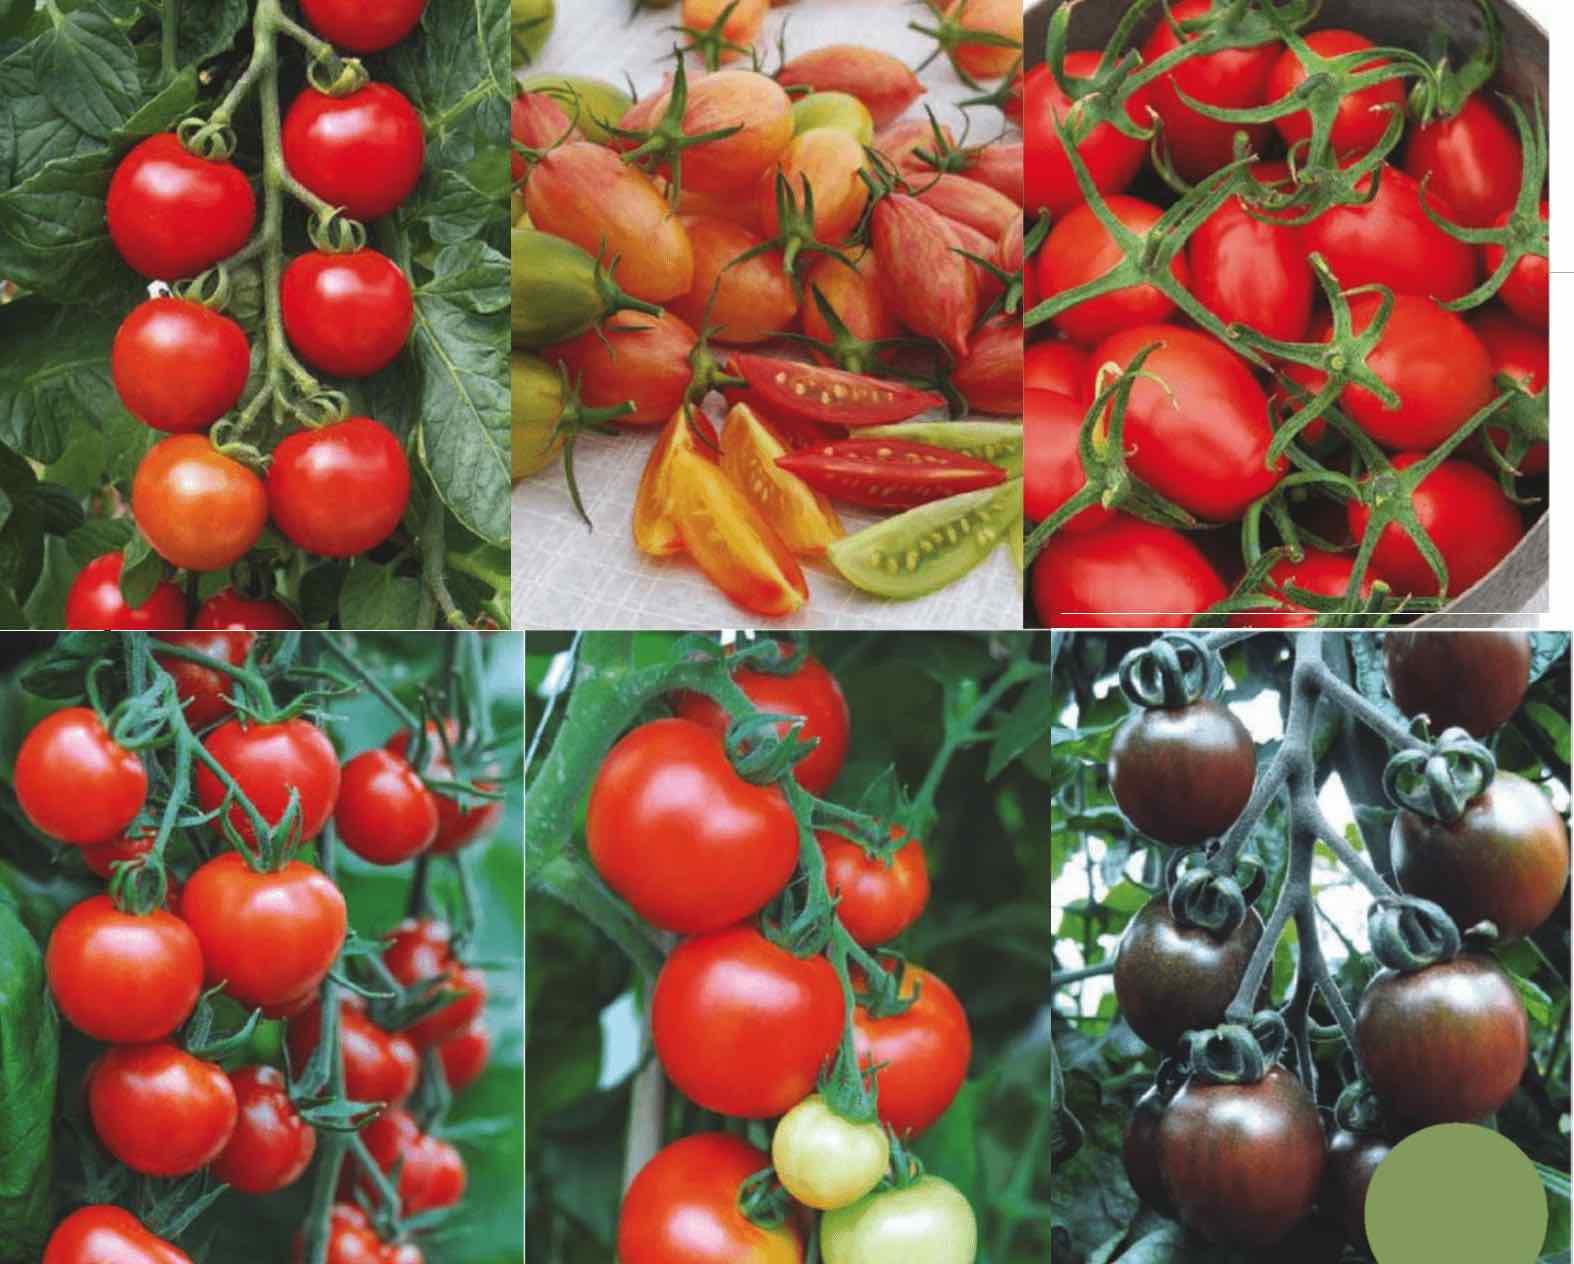 ультраранние сорта томатов для теплиц в подмосковье